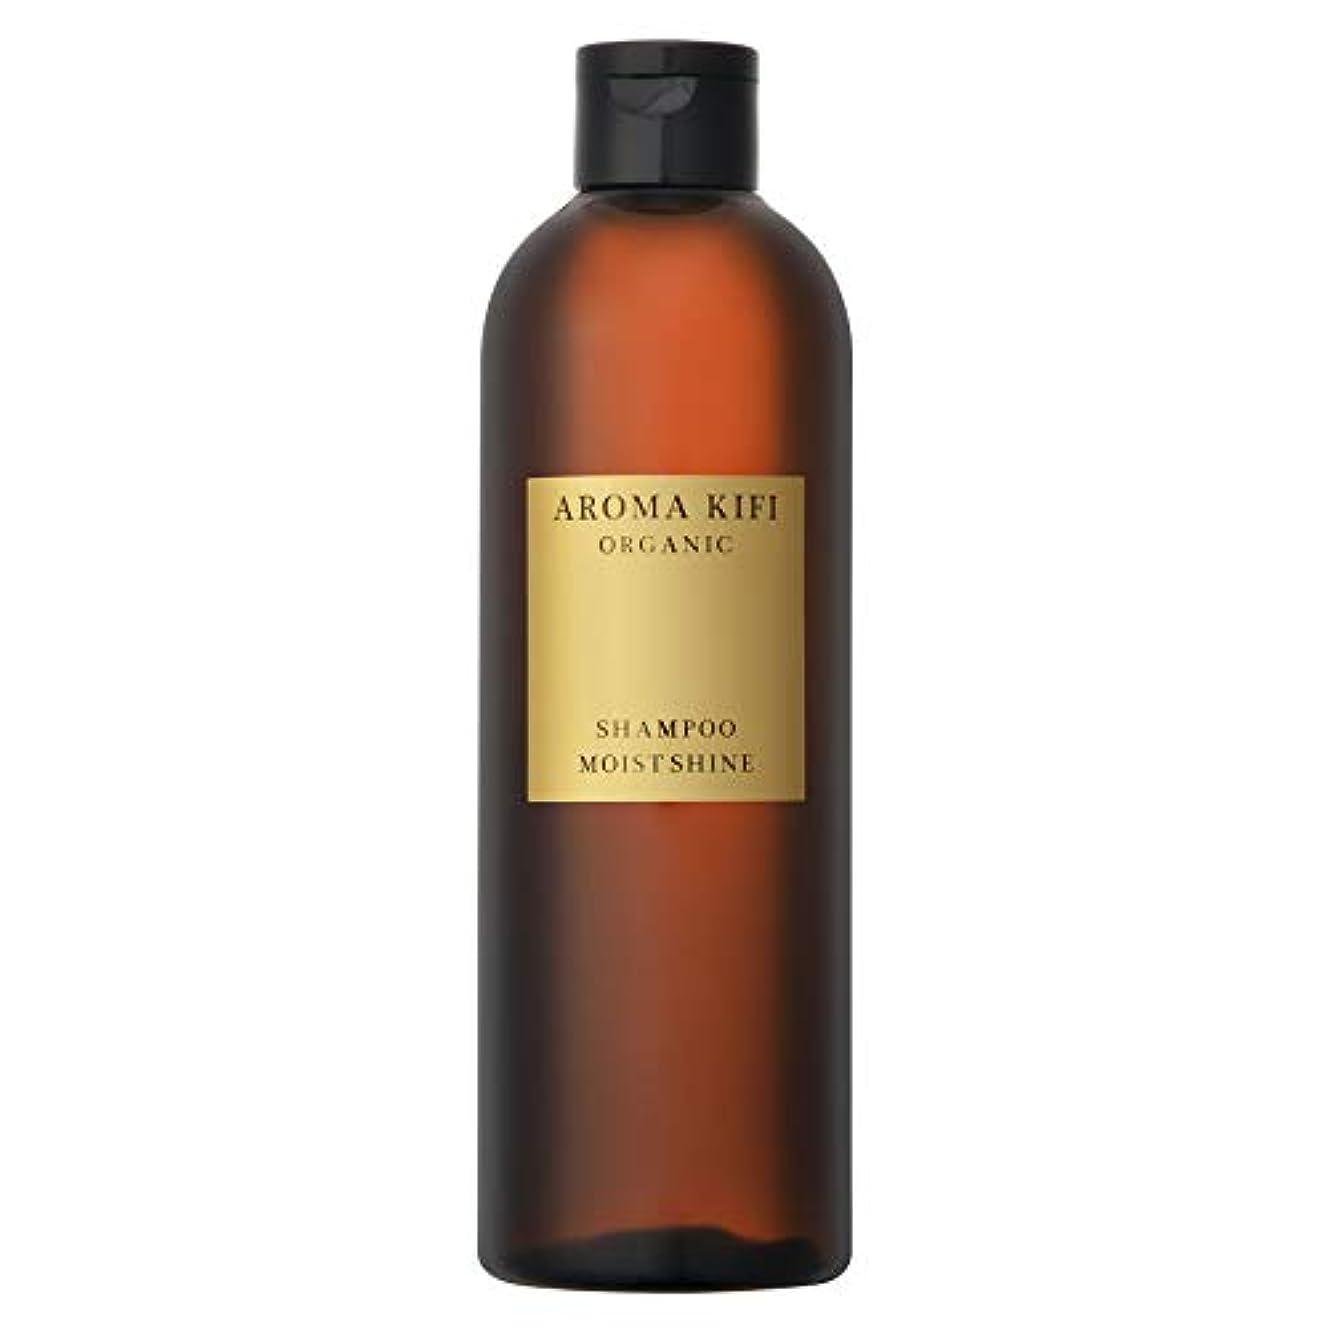 アロマキフィ オーガニック シャンプー 480ml 【モイスト&シャイン】サロン品質 ノンシリコン 無添加 アロマティックハーブの香り